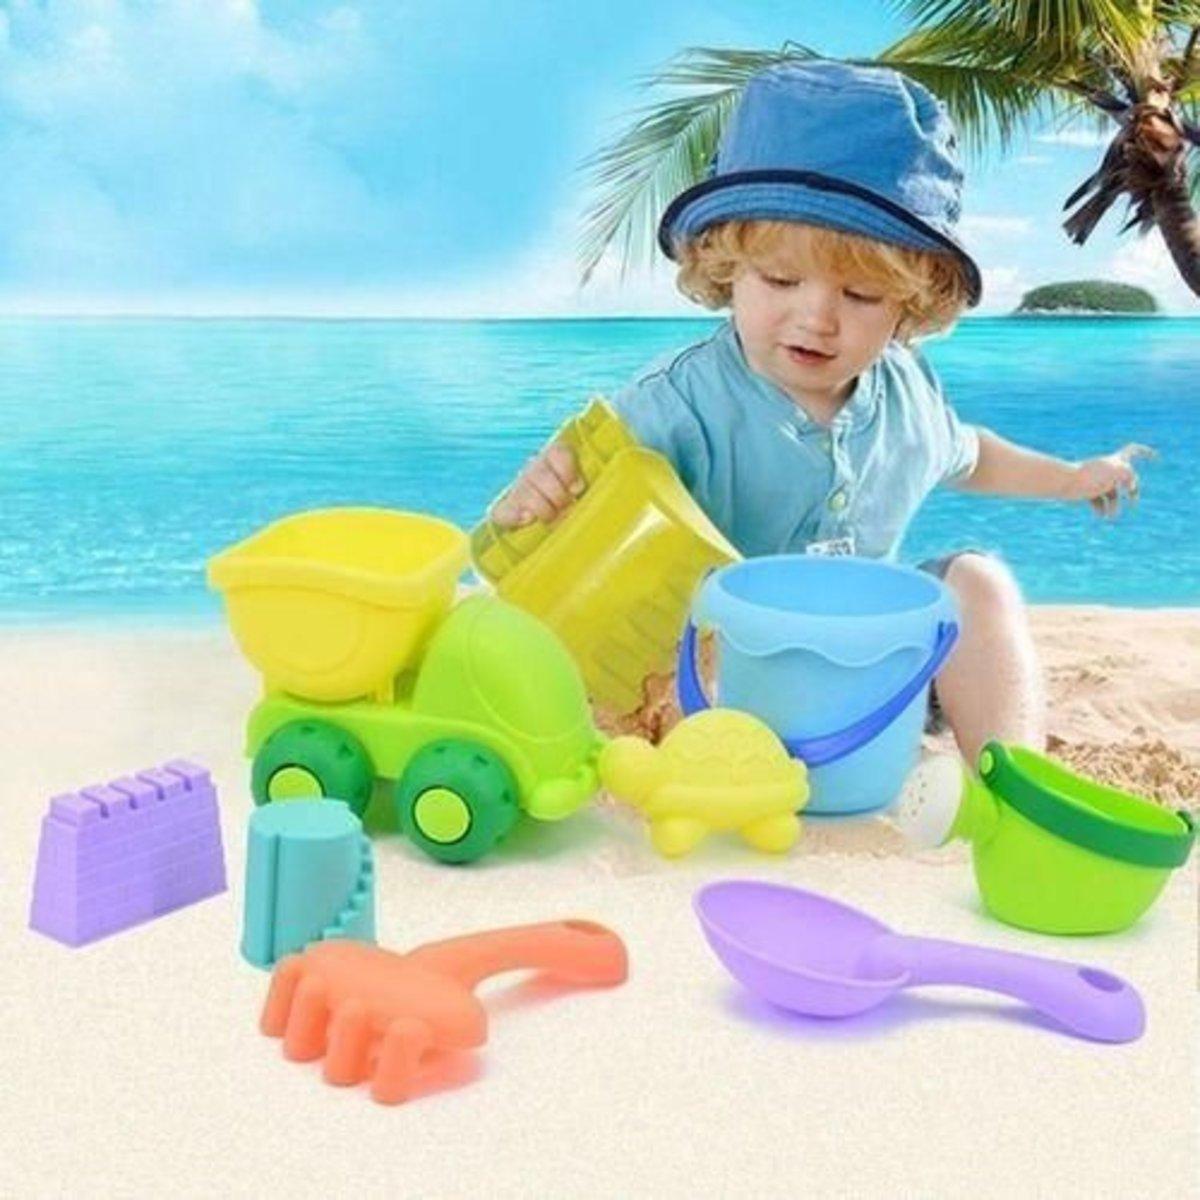 軟膠沙灘玩具-6件裝 (顏色隨機)